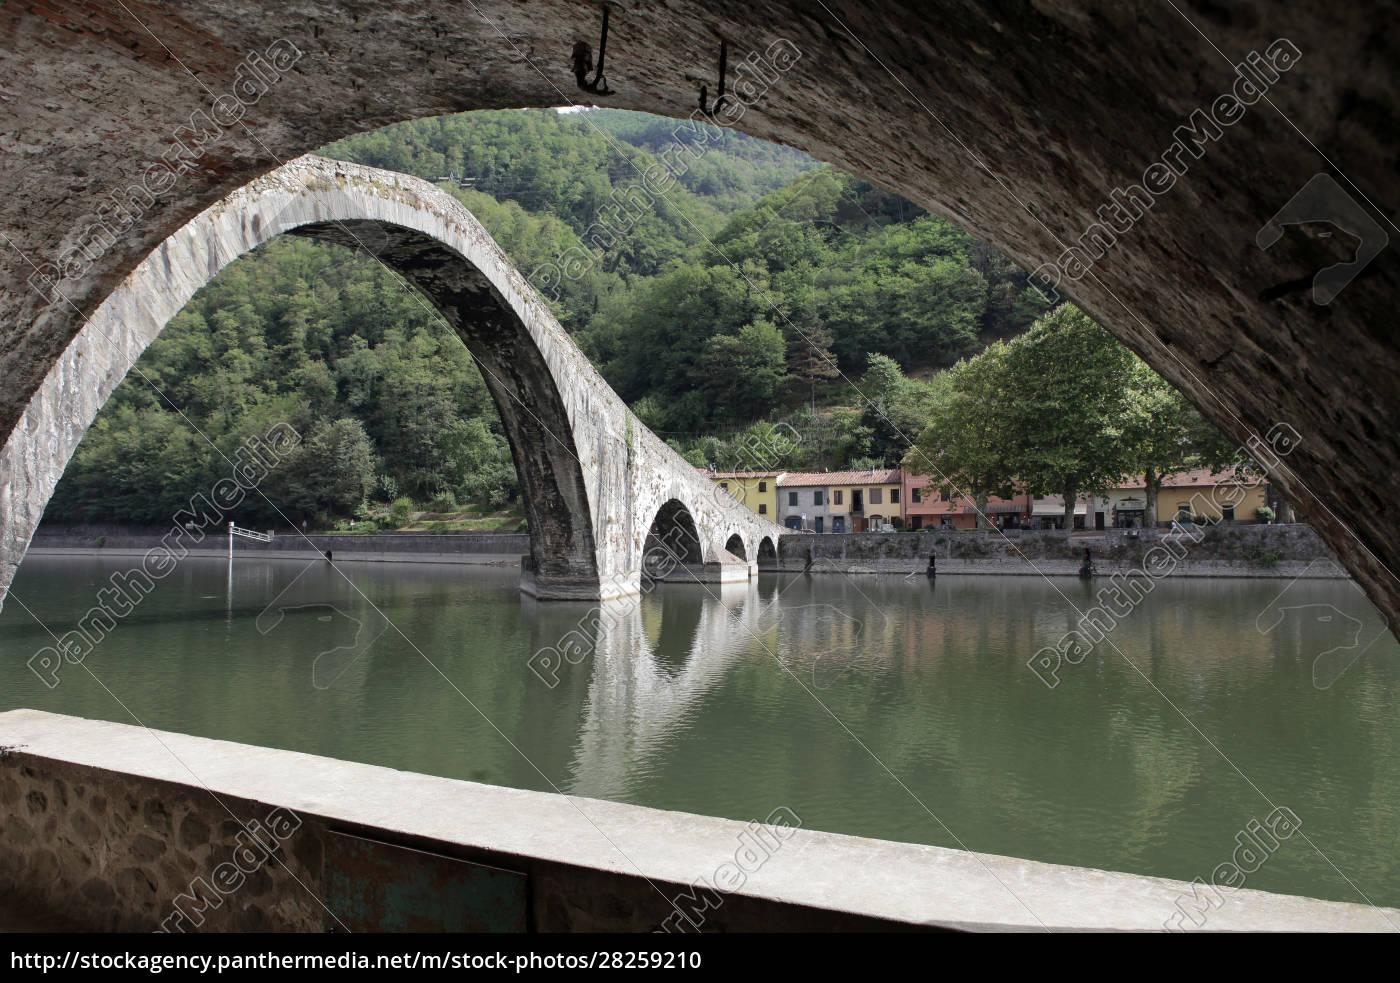 ponte, della, maddalena, across, the, serchio. - 28259210